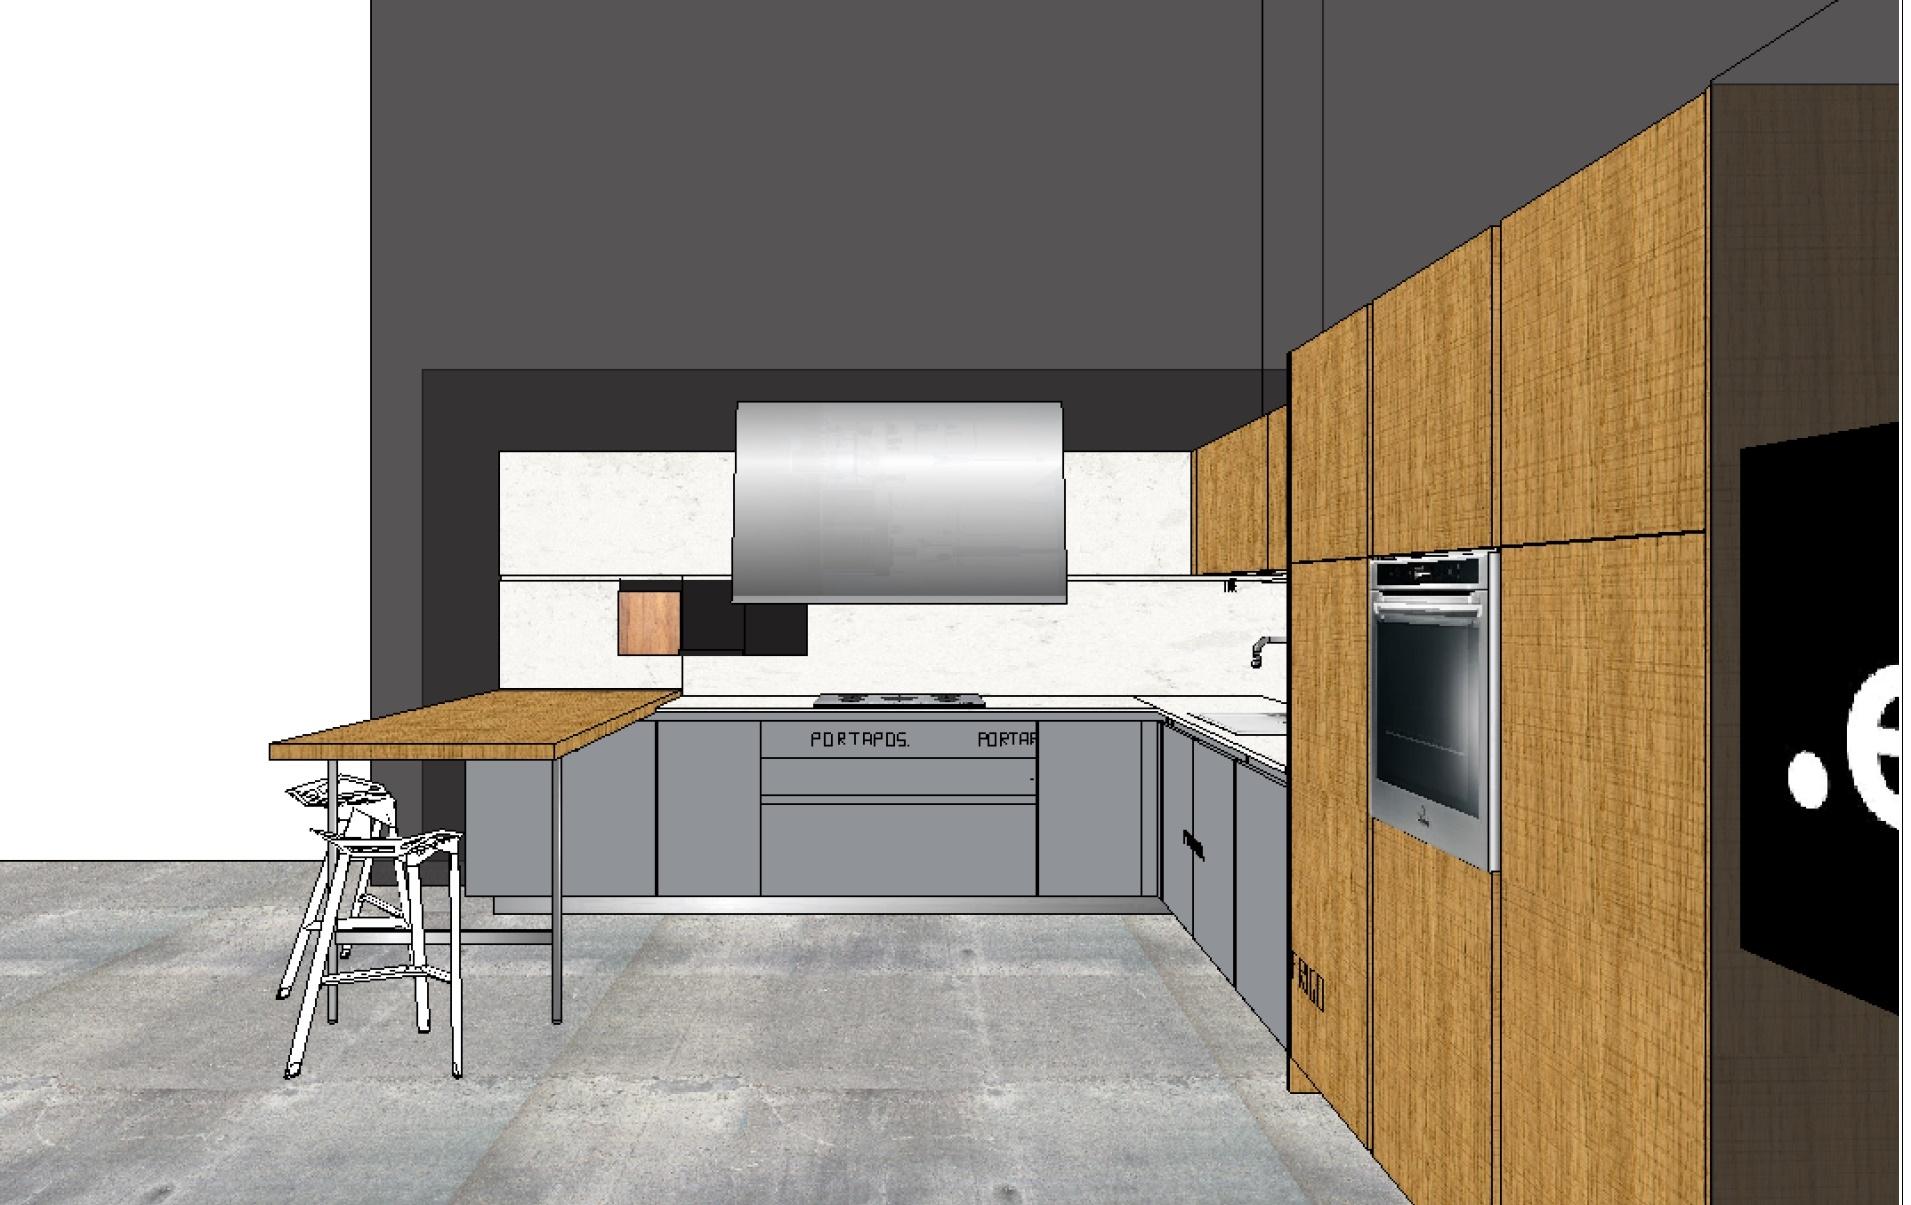 Elmar cucine cucina slim design legno rovere chiaro - Cucine in legno chiaro ...